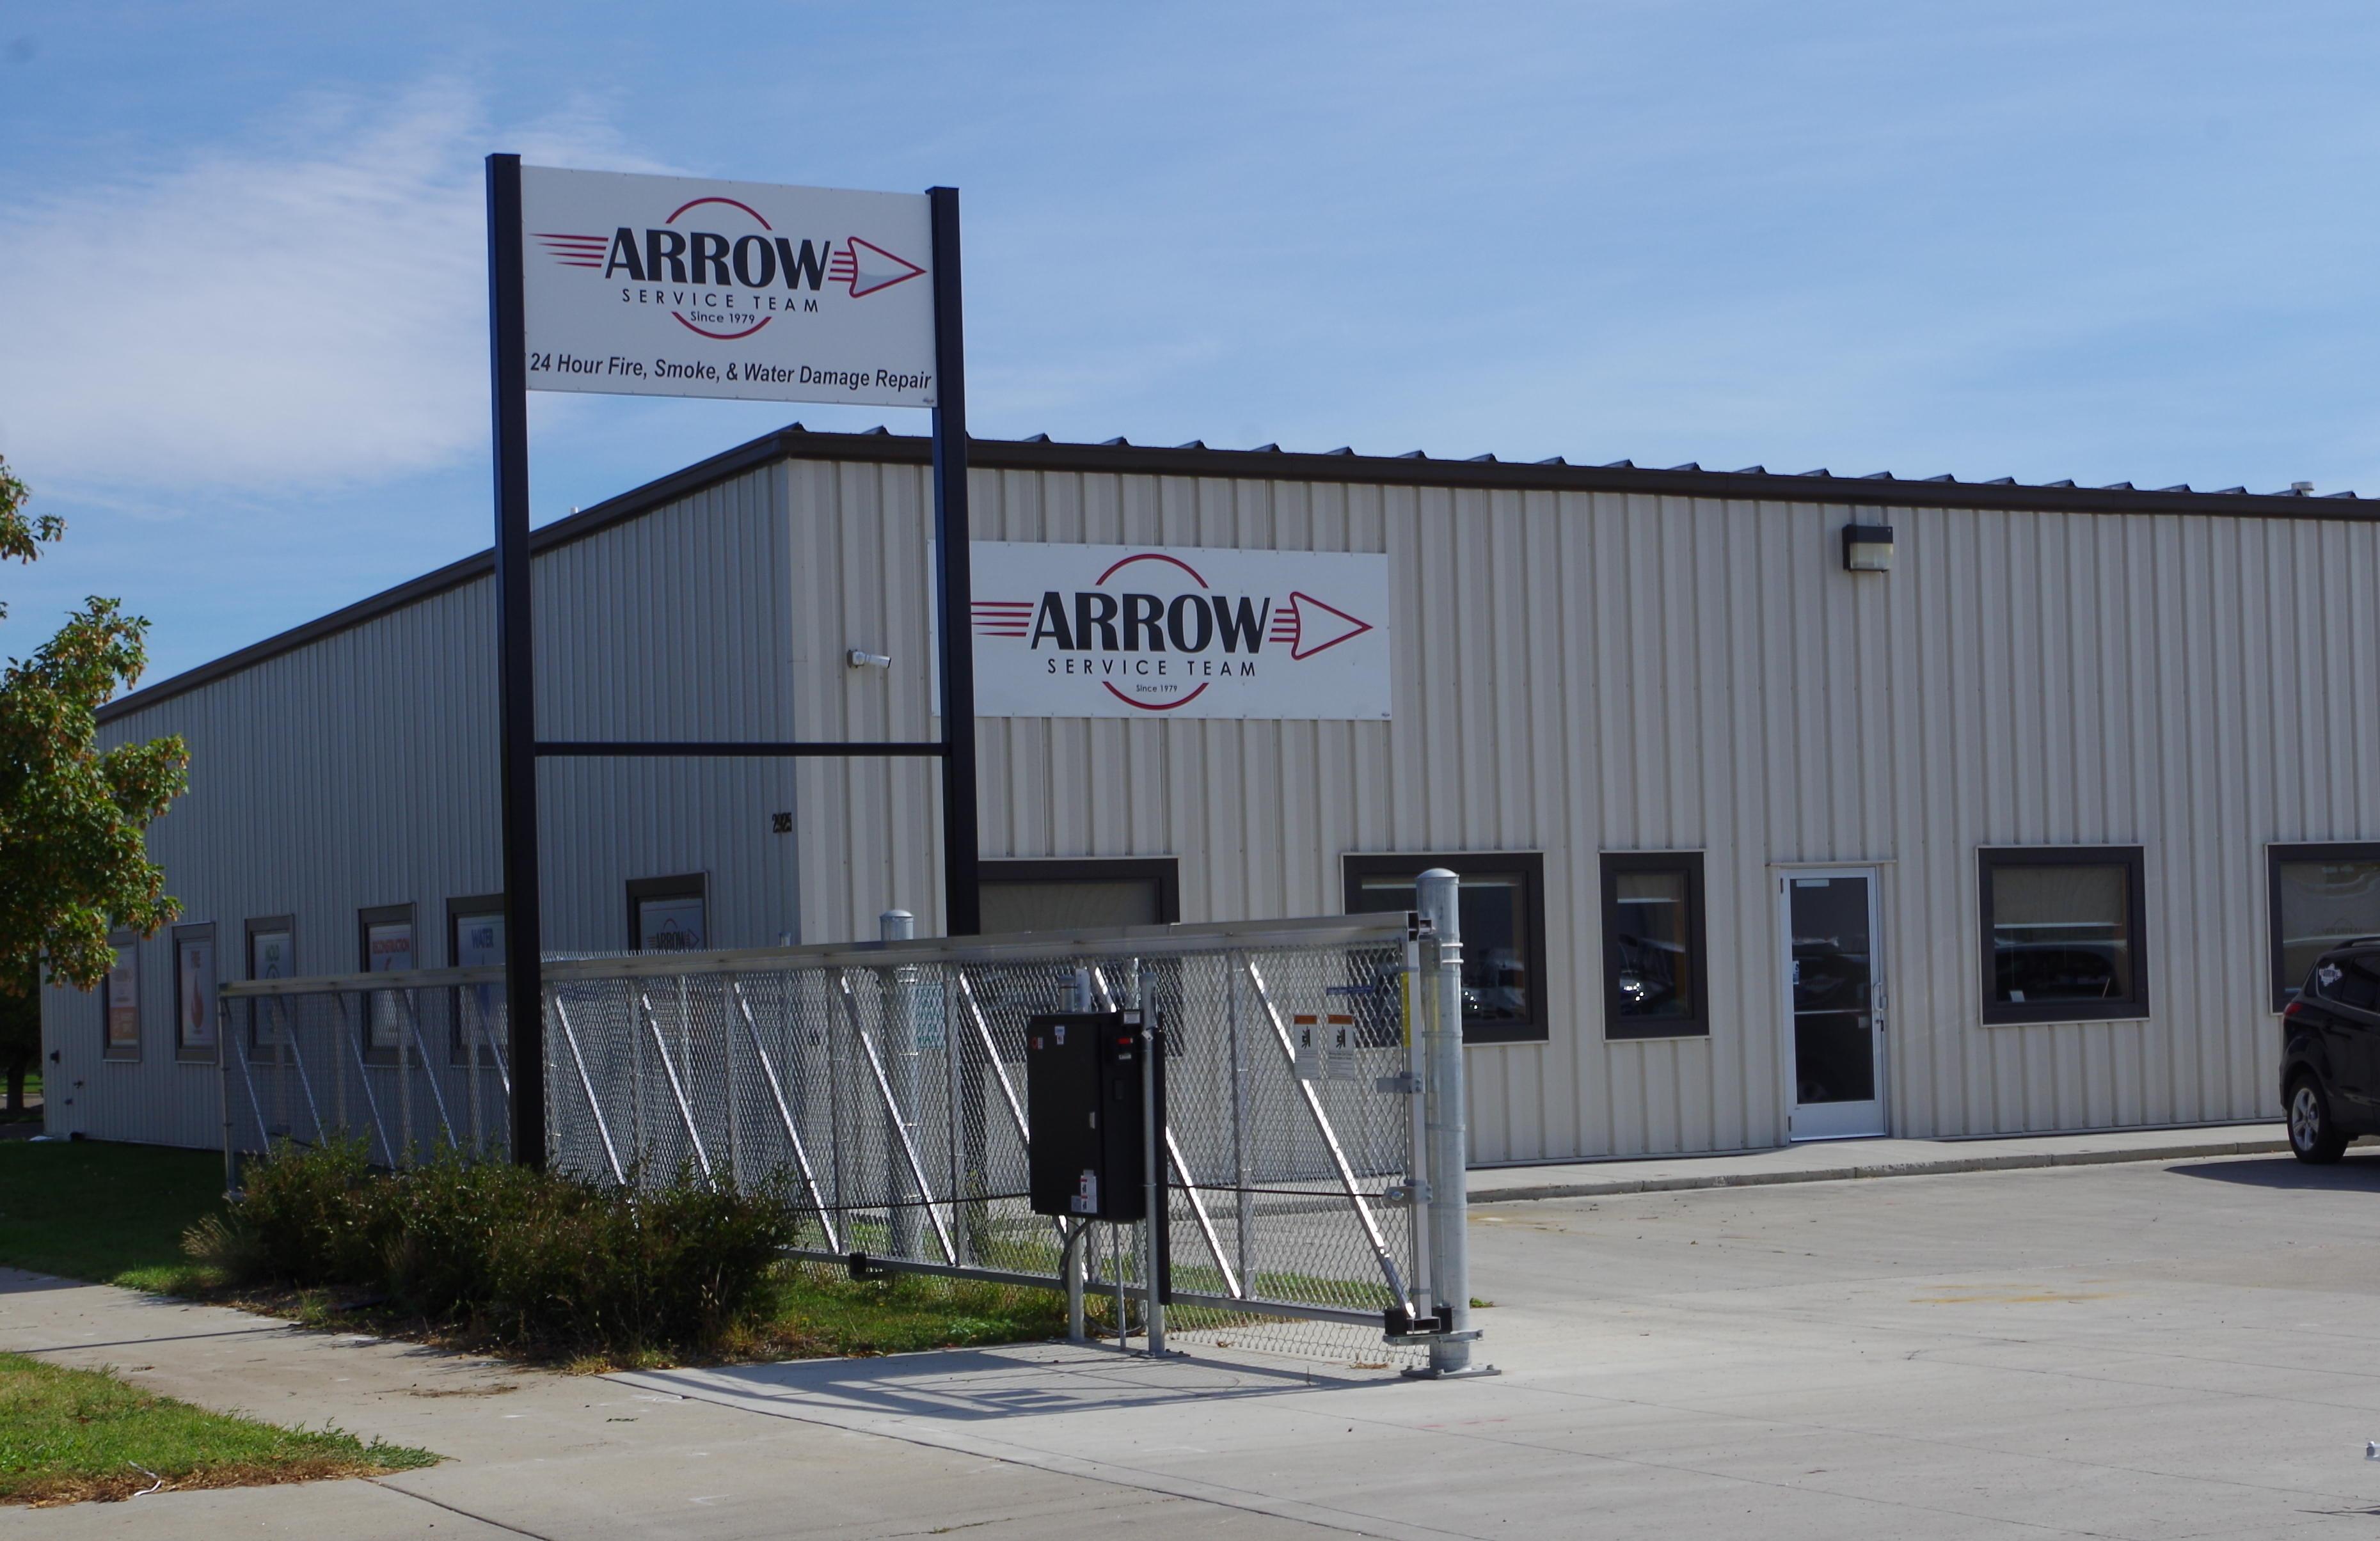 Arrow Service Team image 0